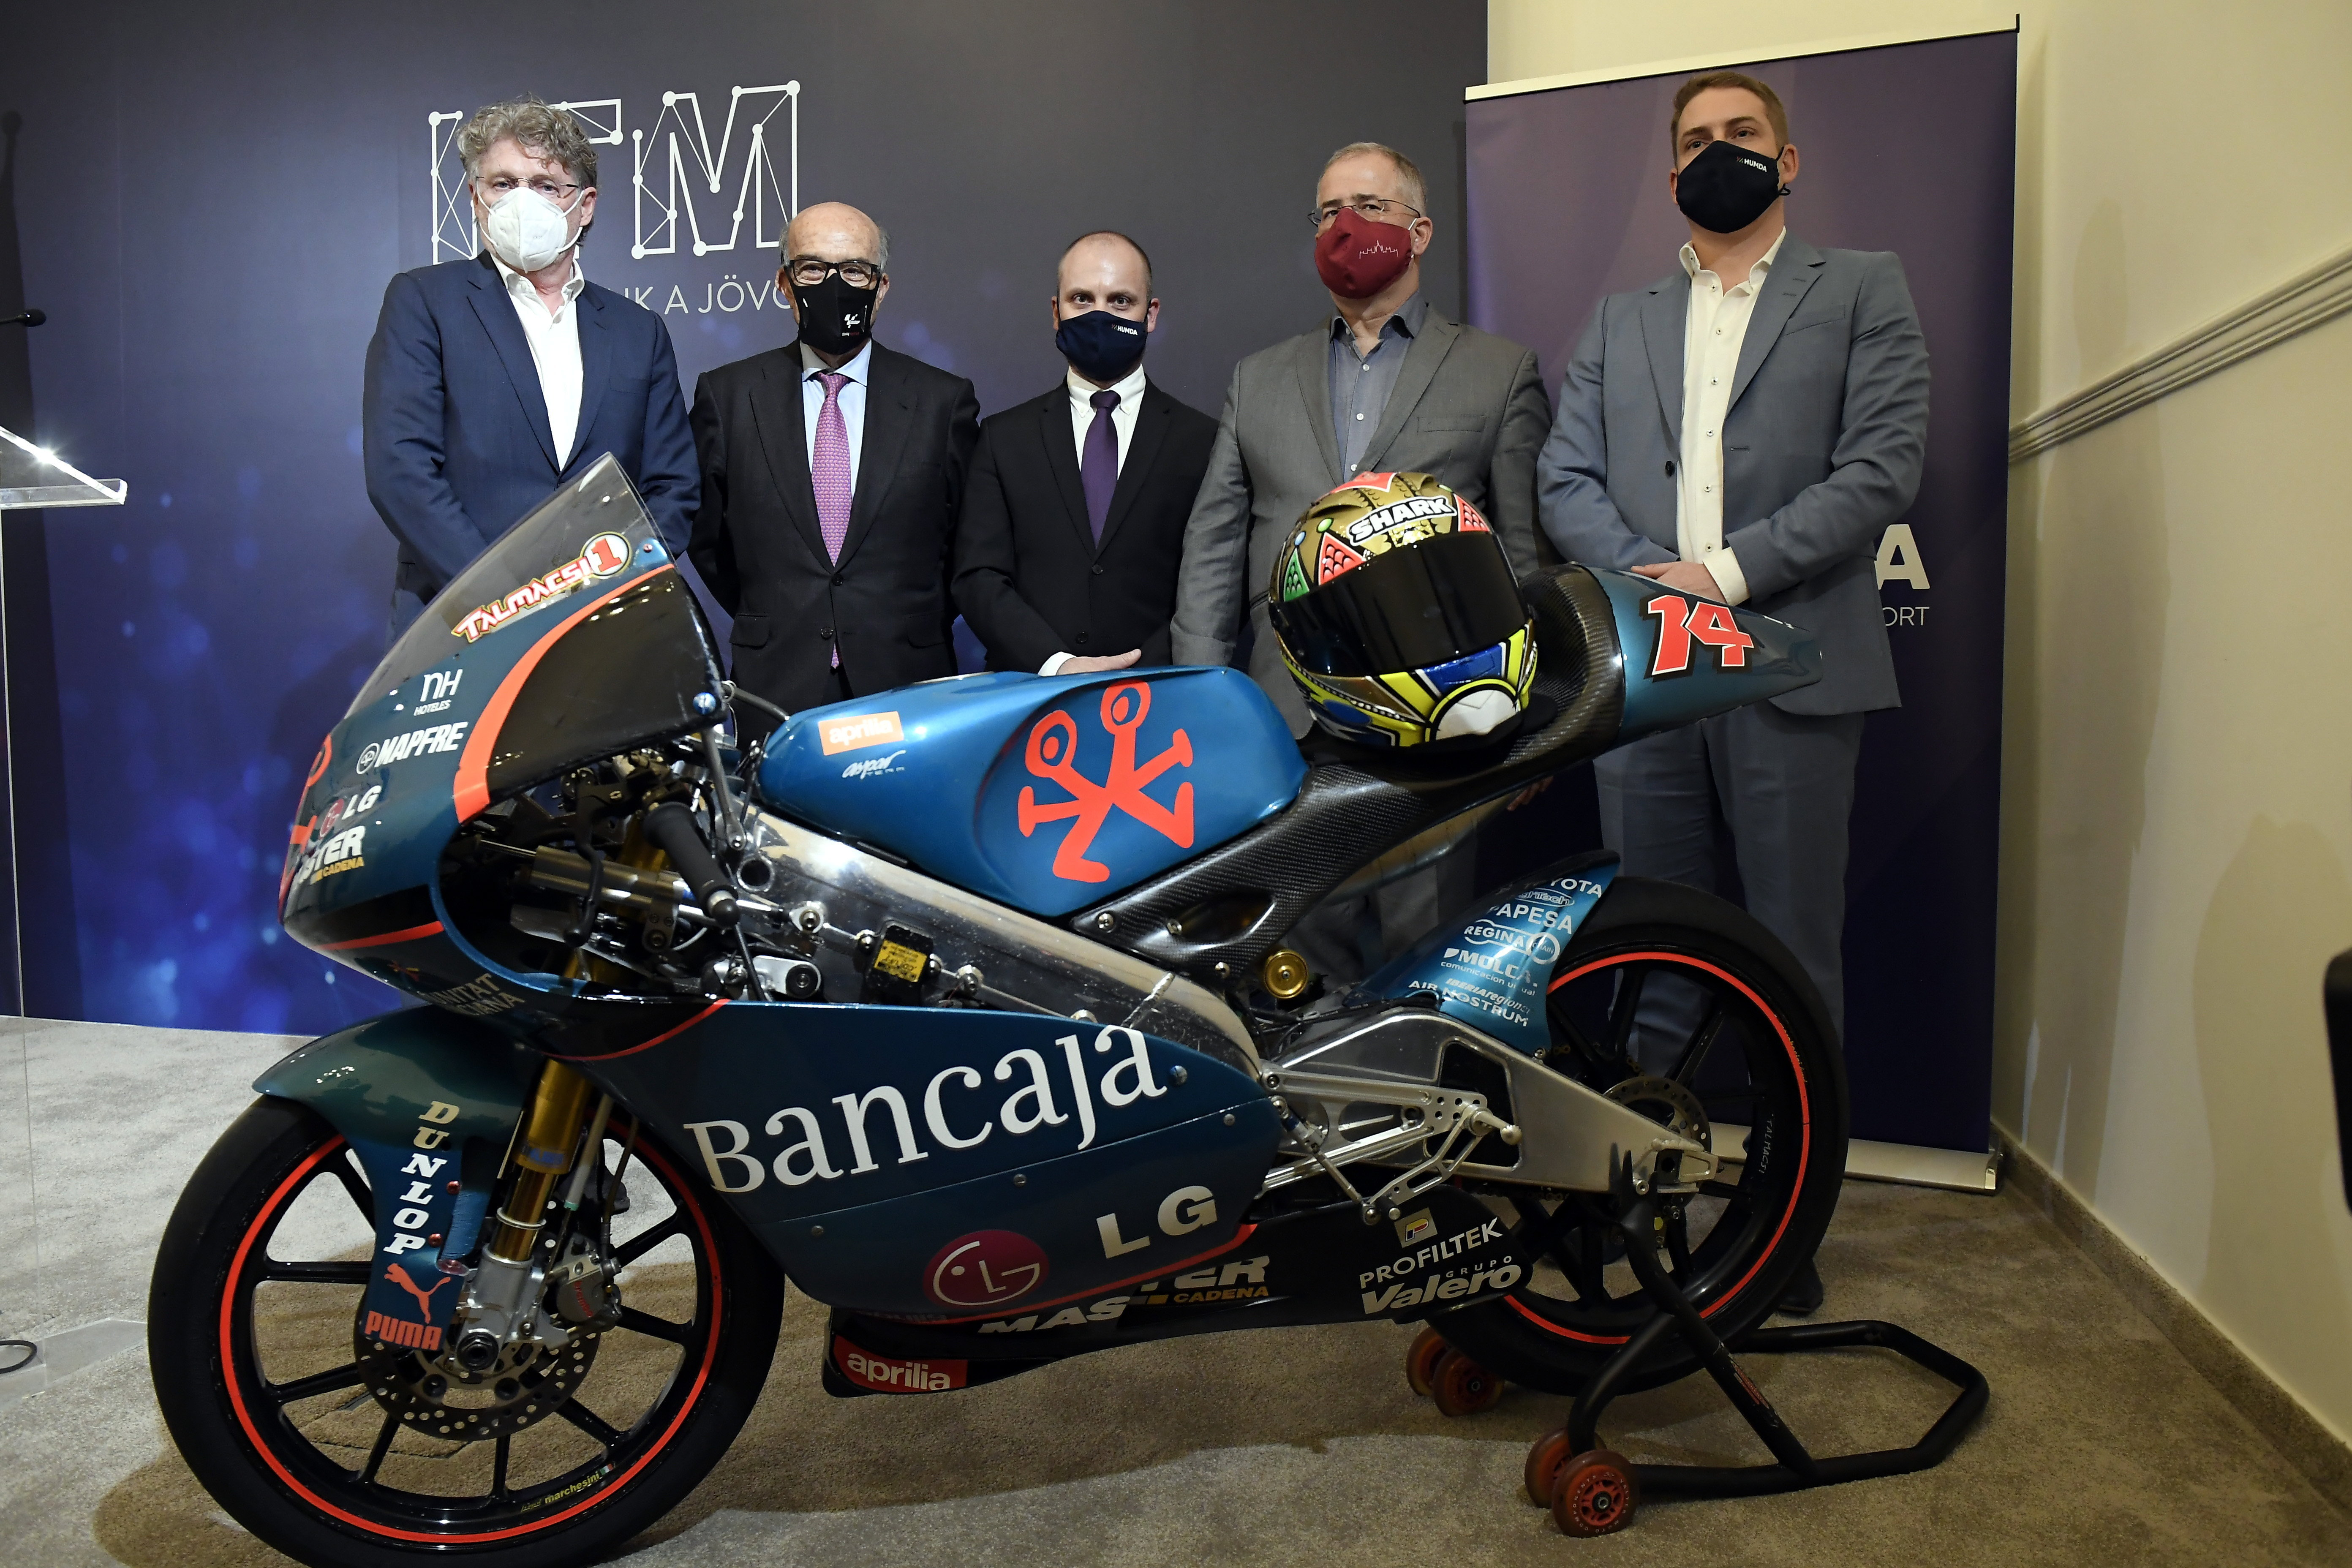 Kósa szerint országimázs szempontjából nincs jobb befektetés a MotoGP-nél